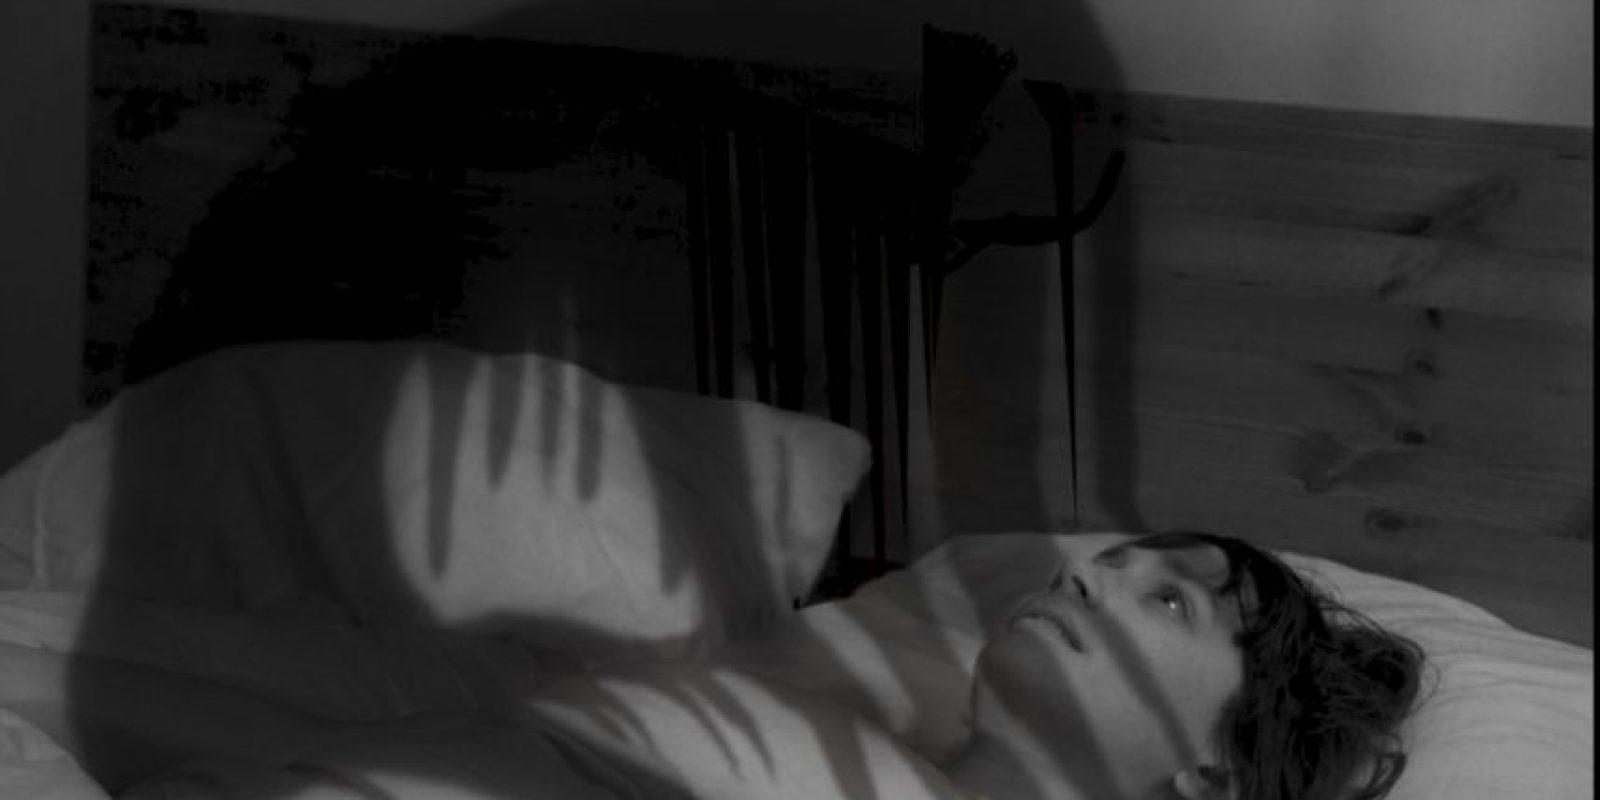 El cuerpo está paralizado y el durmiente solo alucina con la muerte. Foto:vía Tumblr. Imagen Por: